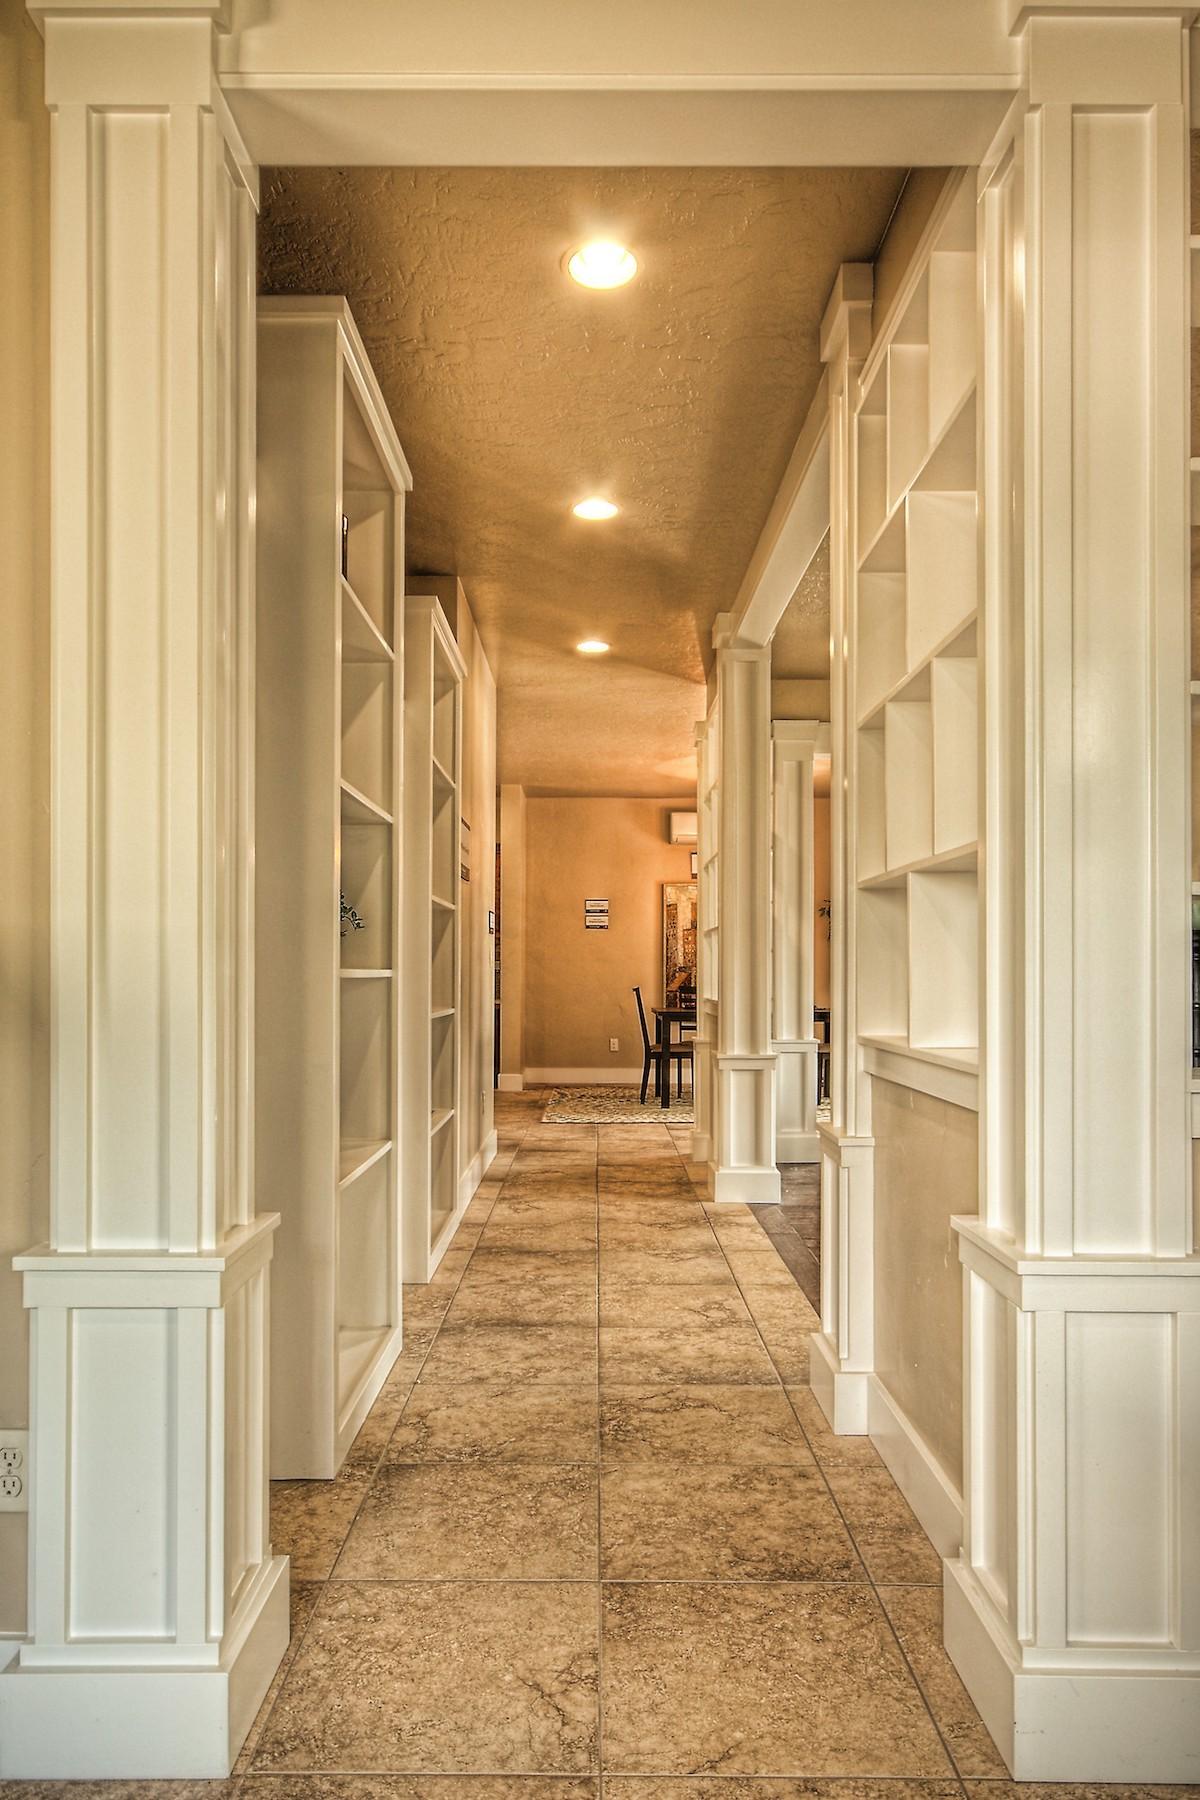 Flynner-Homes-StJude-Residential-Remodel-00001.jpg